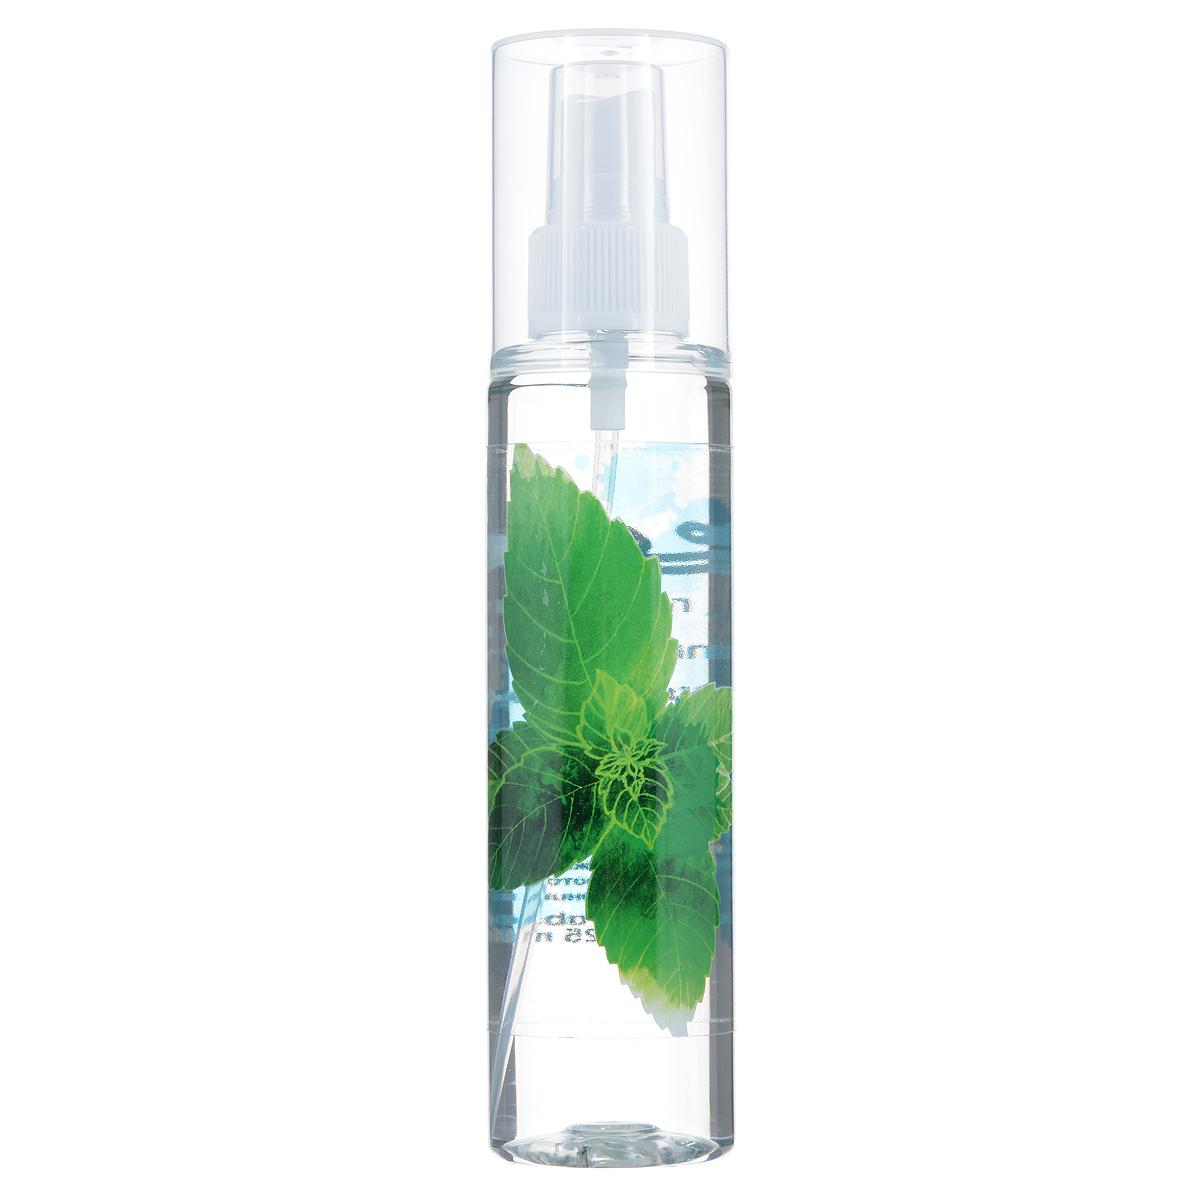 Зейтун Гидролат Мята, 125 млZ3813Гидролат мяты хорошо распылять на лицо и область декольте — он бодрит, освежает, улучшает цвет и общий тонус кожи, подтягивает её. Также может снять отёчность и раздражение, облегчить аллергическую реакцию. Мятная вода обладает удивительным освежающим эффектом не только для кожи, но и для ума — помогает сконцентрироваться, в то же время успокаивая нервы. В сочетании с гидролатом розмарина, отличная — и более полезная — замена кофе. Помогает легче переносить жару.Мятную воду вы можете использовать разными способами:• в качестве тоника для кожи лица и тела,• добавлять в воду, когда принимаете ванну,• применять как ополаскиватель после мытья волос,• можно распылять в течение дня на волосы: гидролат легко ложится, не склеивает их, слабо фиксируя причёску и придавая волосам нежный аромат,• наносить перед применением крема или косметического масла, ради подготовки кожи и усиления воздействия средства,• использовать для тонизации кожи после скраба или пилинга,• разводить сухие глиняные маски, улучшая их эффект и придавая коже травяной запах.Мятная вода полностью натуральна, поэтому чувствительна к свету, высоким температурам и микроорганизмам, и храниться она может не более 12 месяцев, причём мы настоятельно рекомендуем держать её в холодильнике. В случае аллергической реакции (жжение, покраснение) следует использовать менее концентрированный раствор (разбавить водой в пропорции 1:3-1:4).